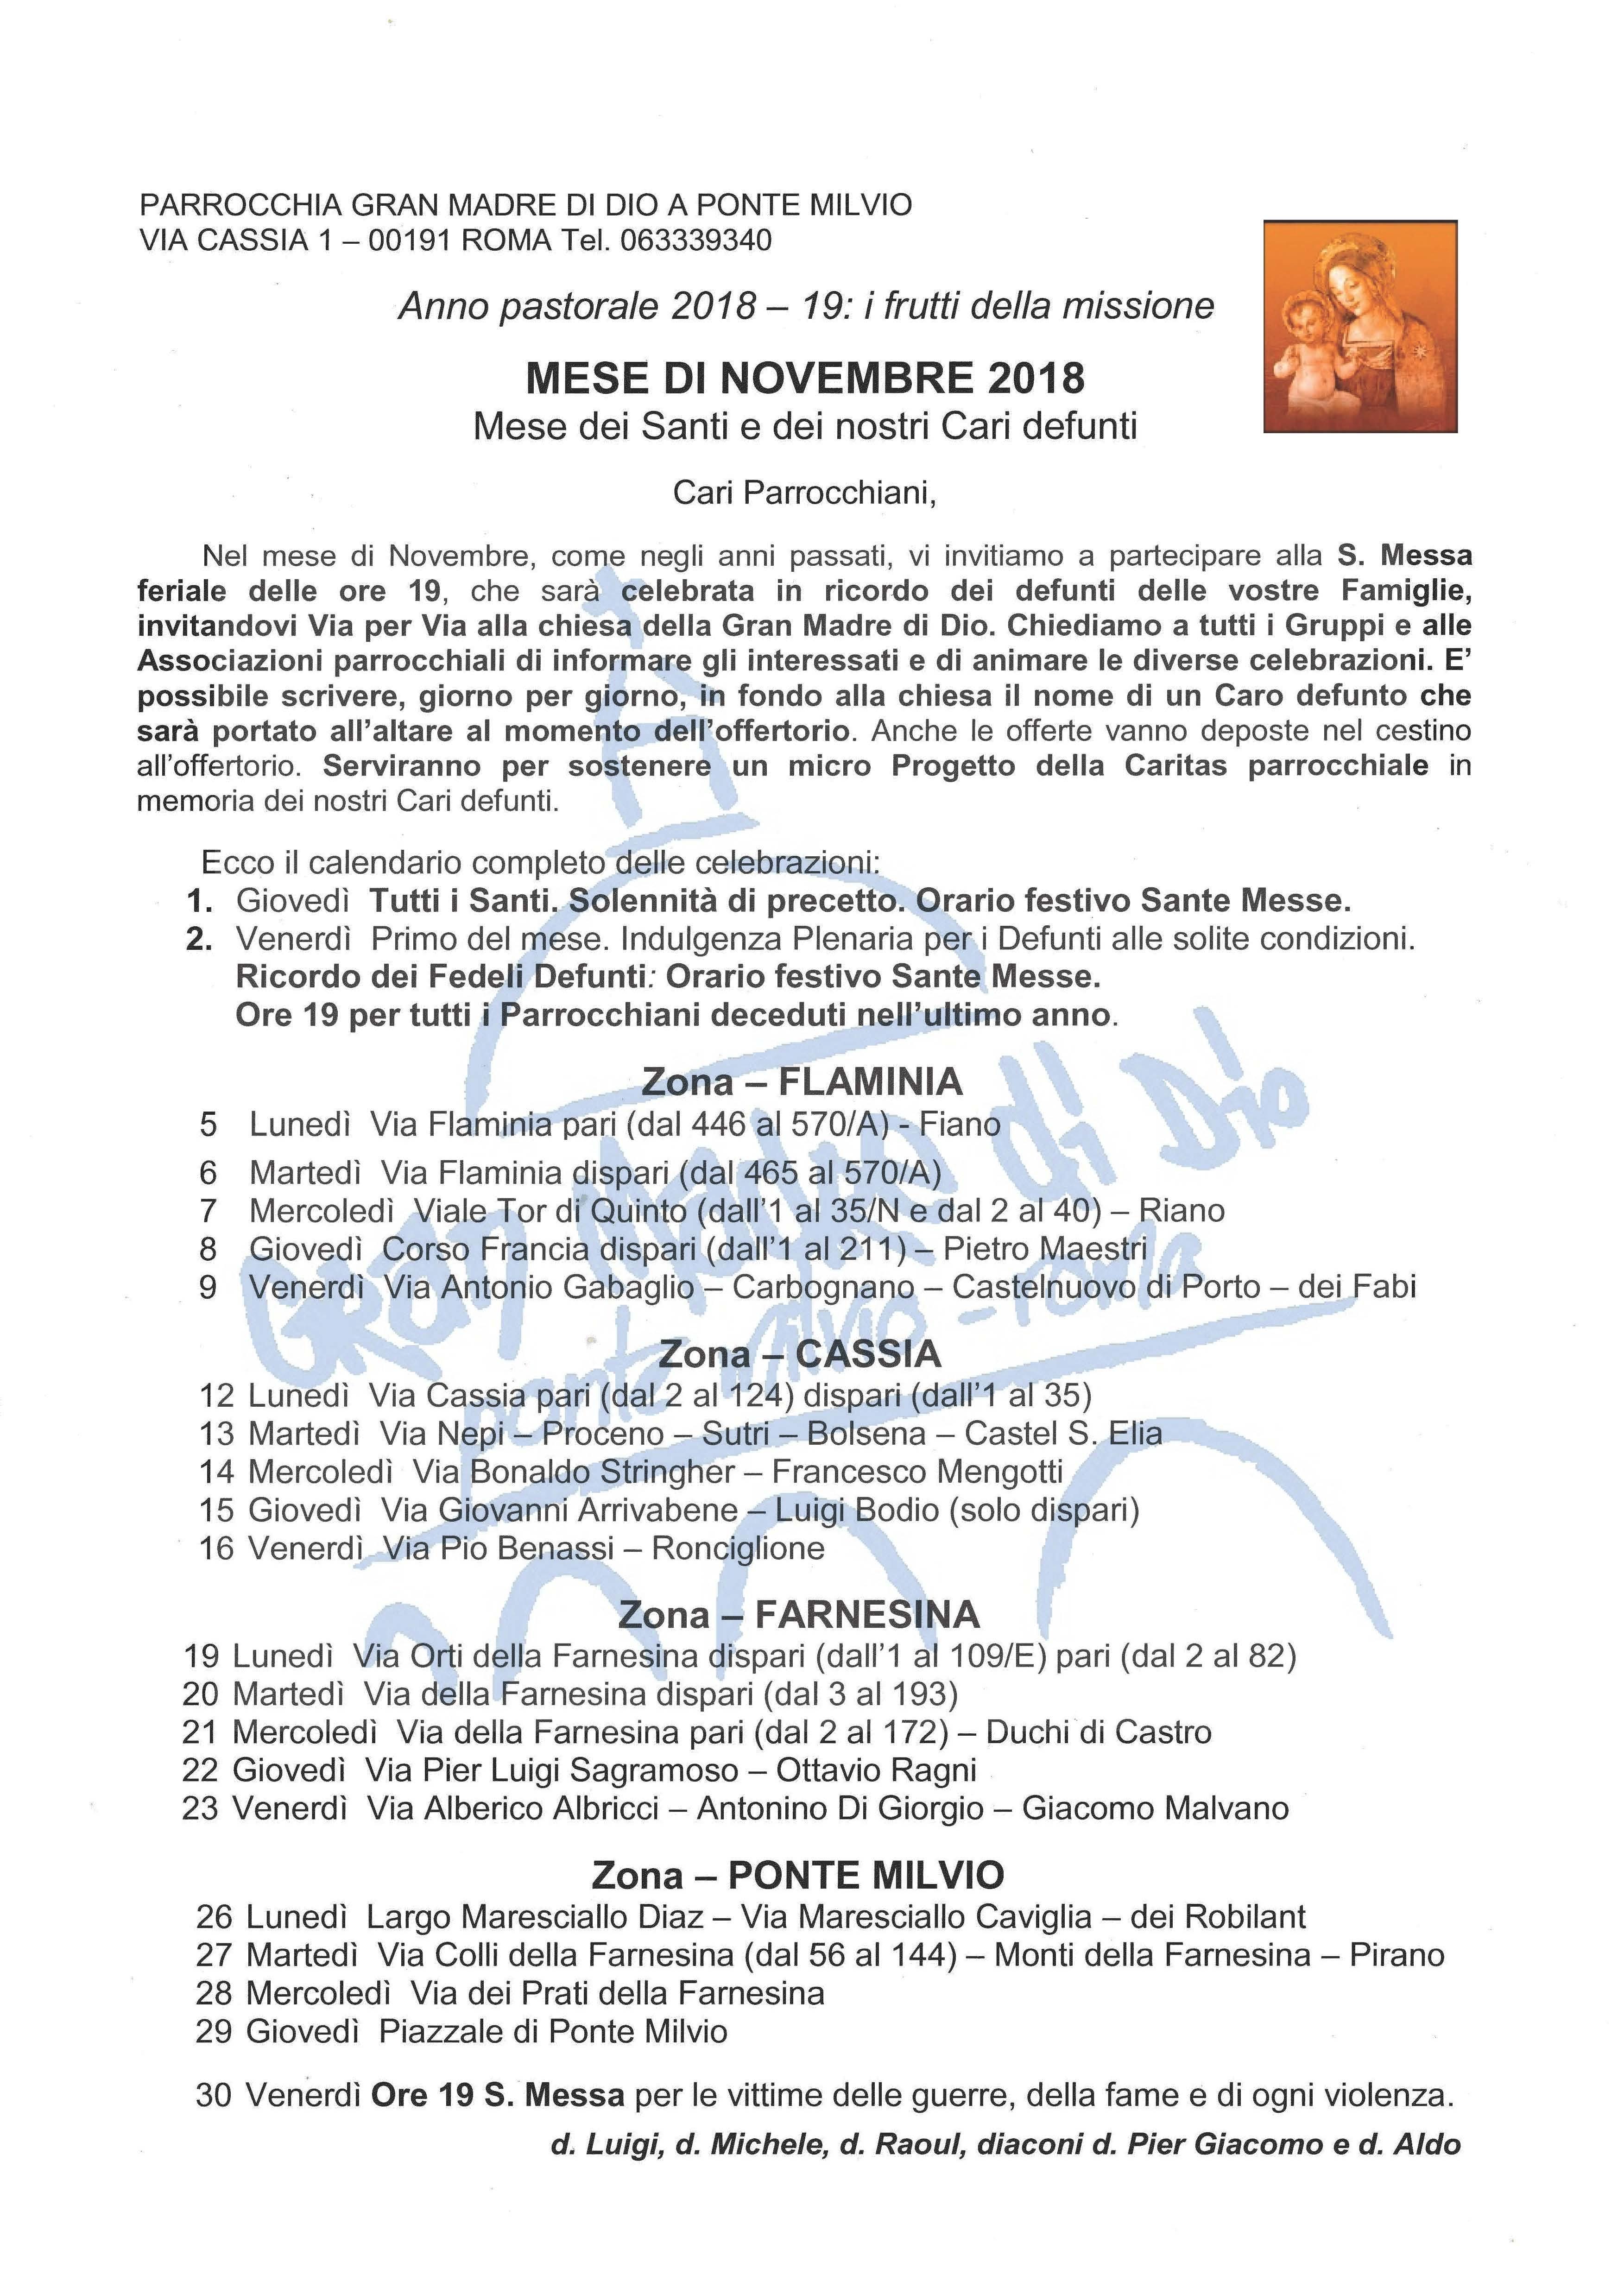 Indulgenze Plenarie Calendario.Novembre 2018 Mese Dei Santi E Dei Nostri Cari Defunti